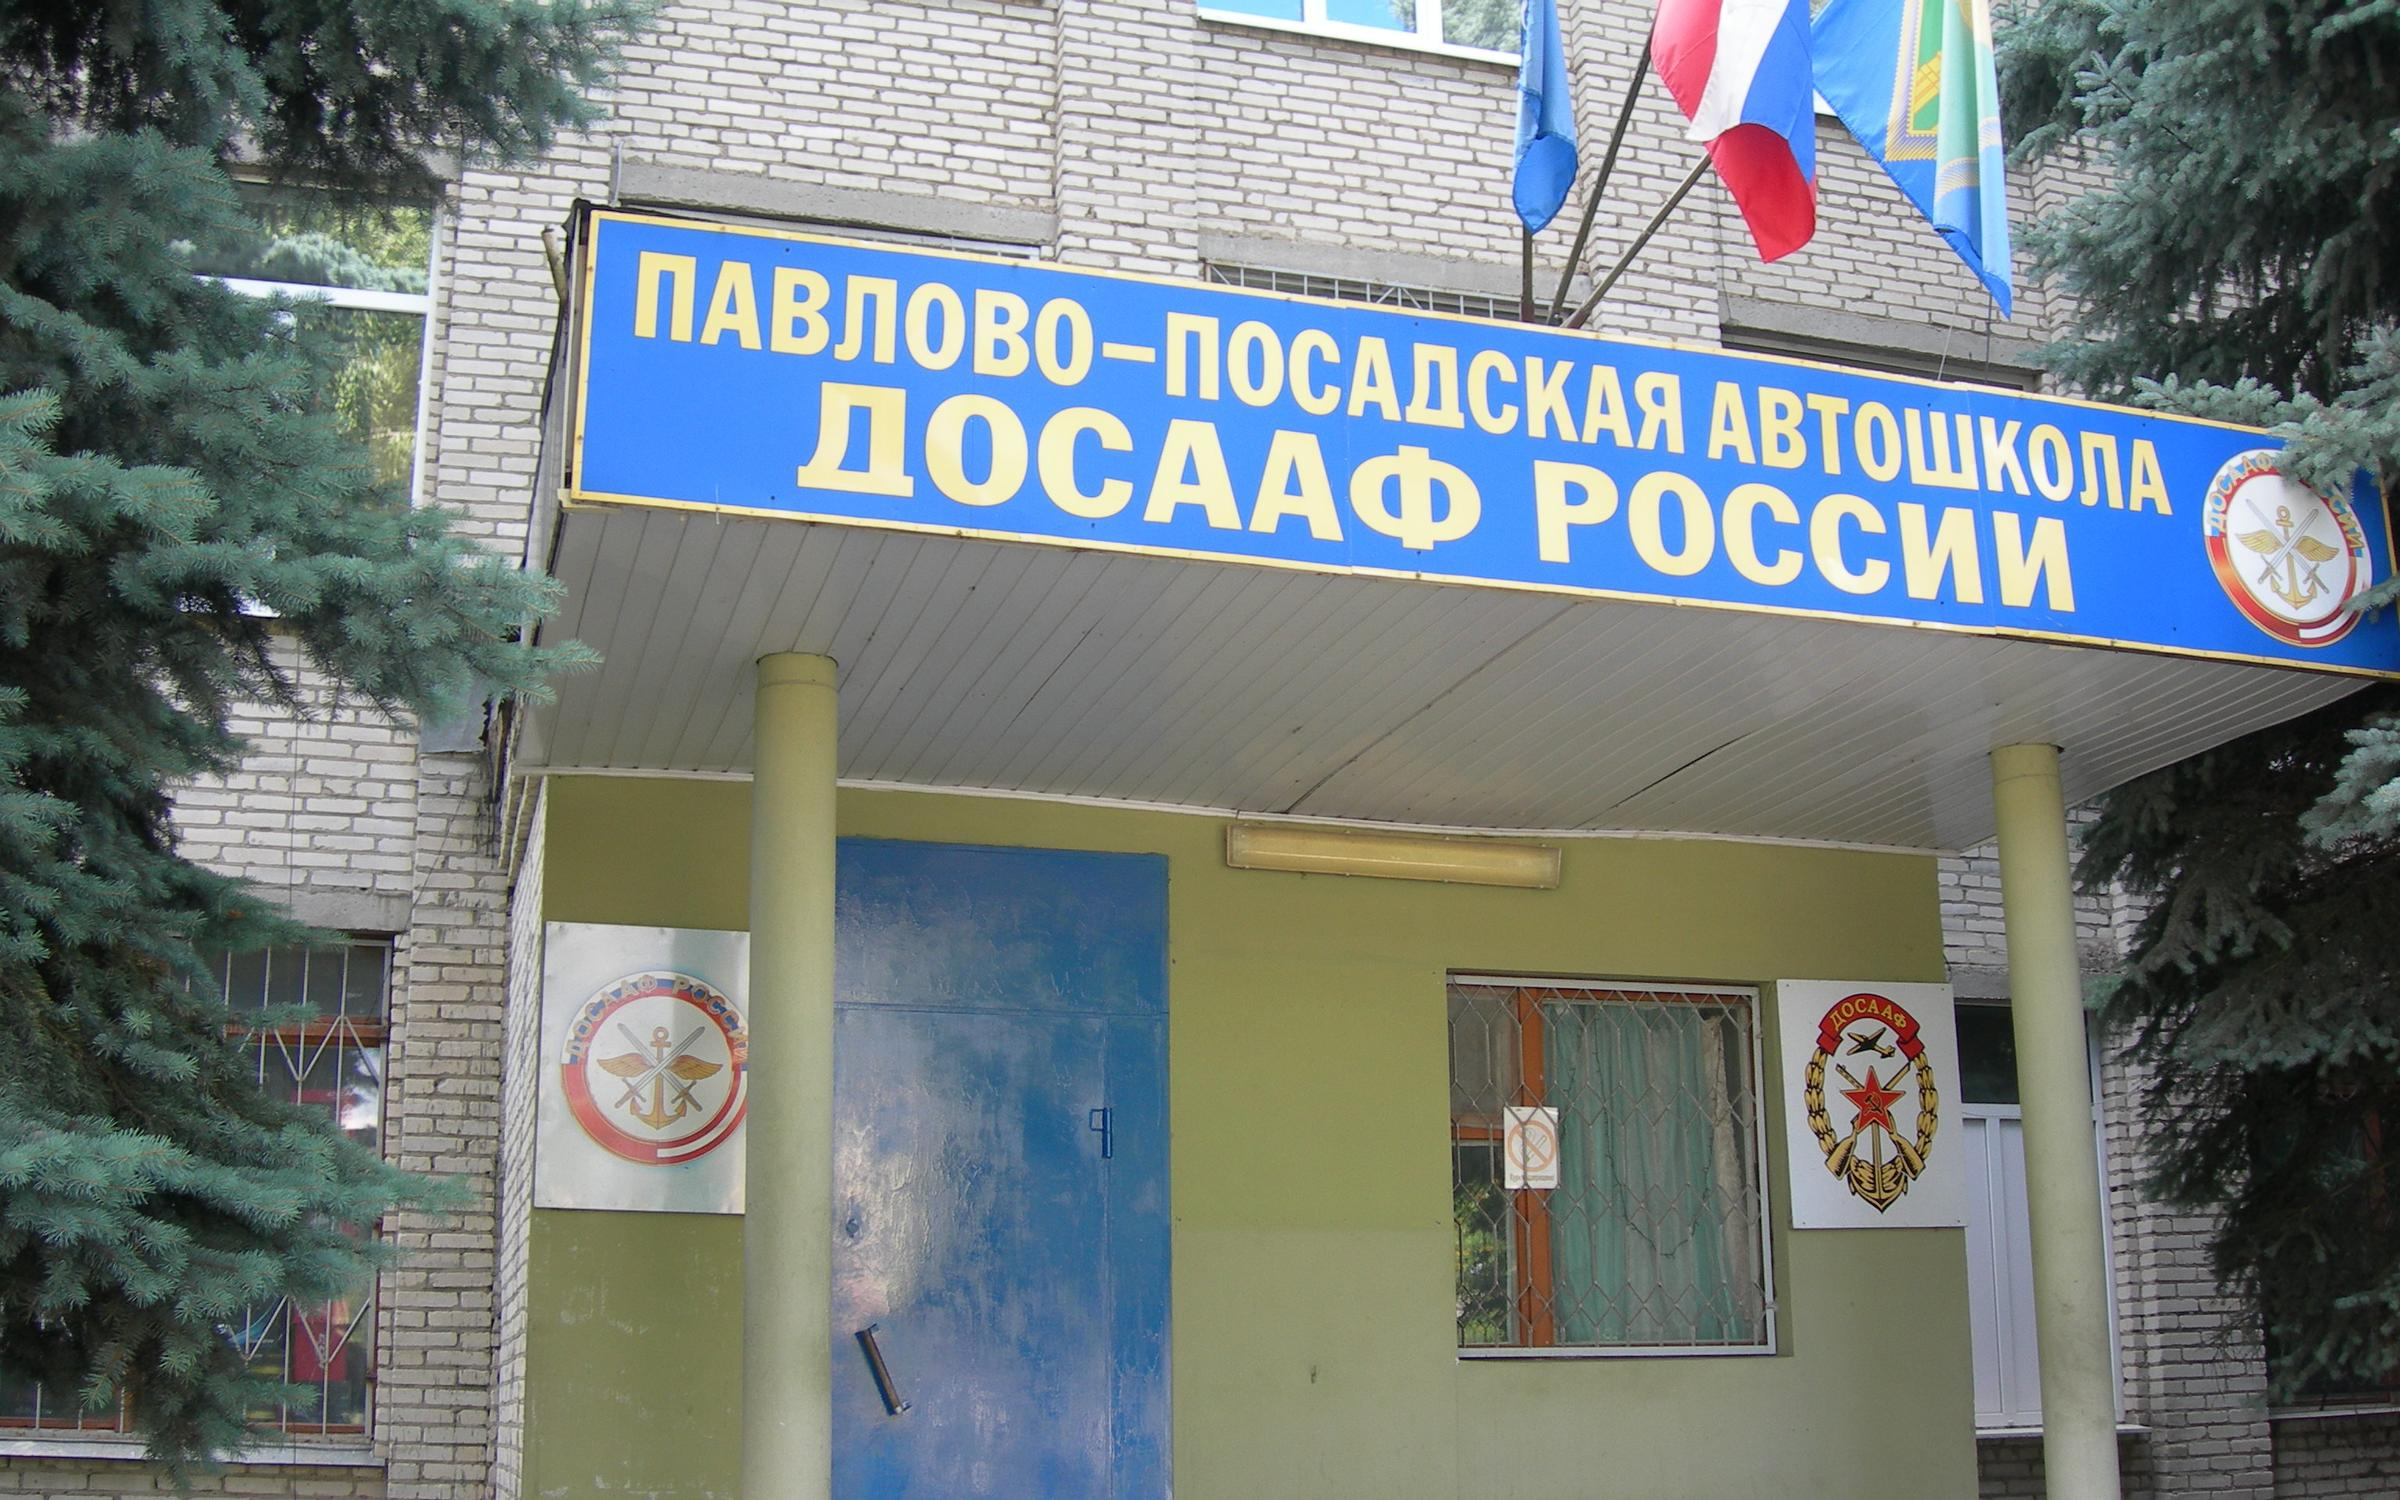 фотография ДОСААФ России Павлово-Посадская школа